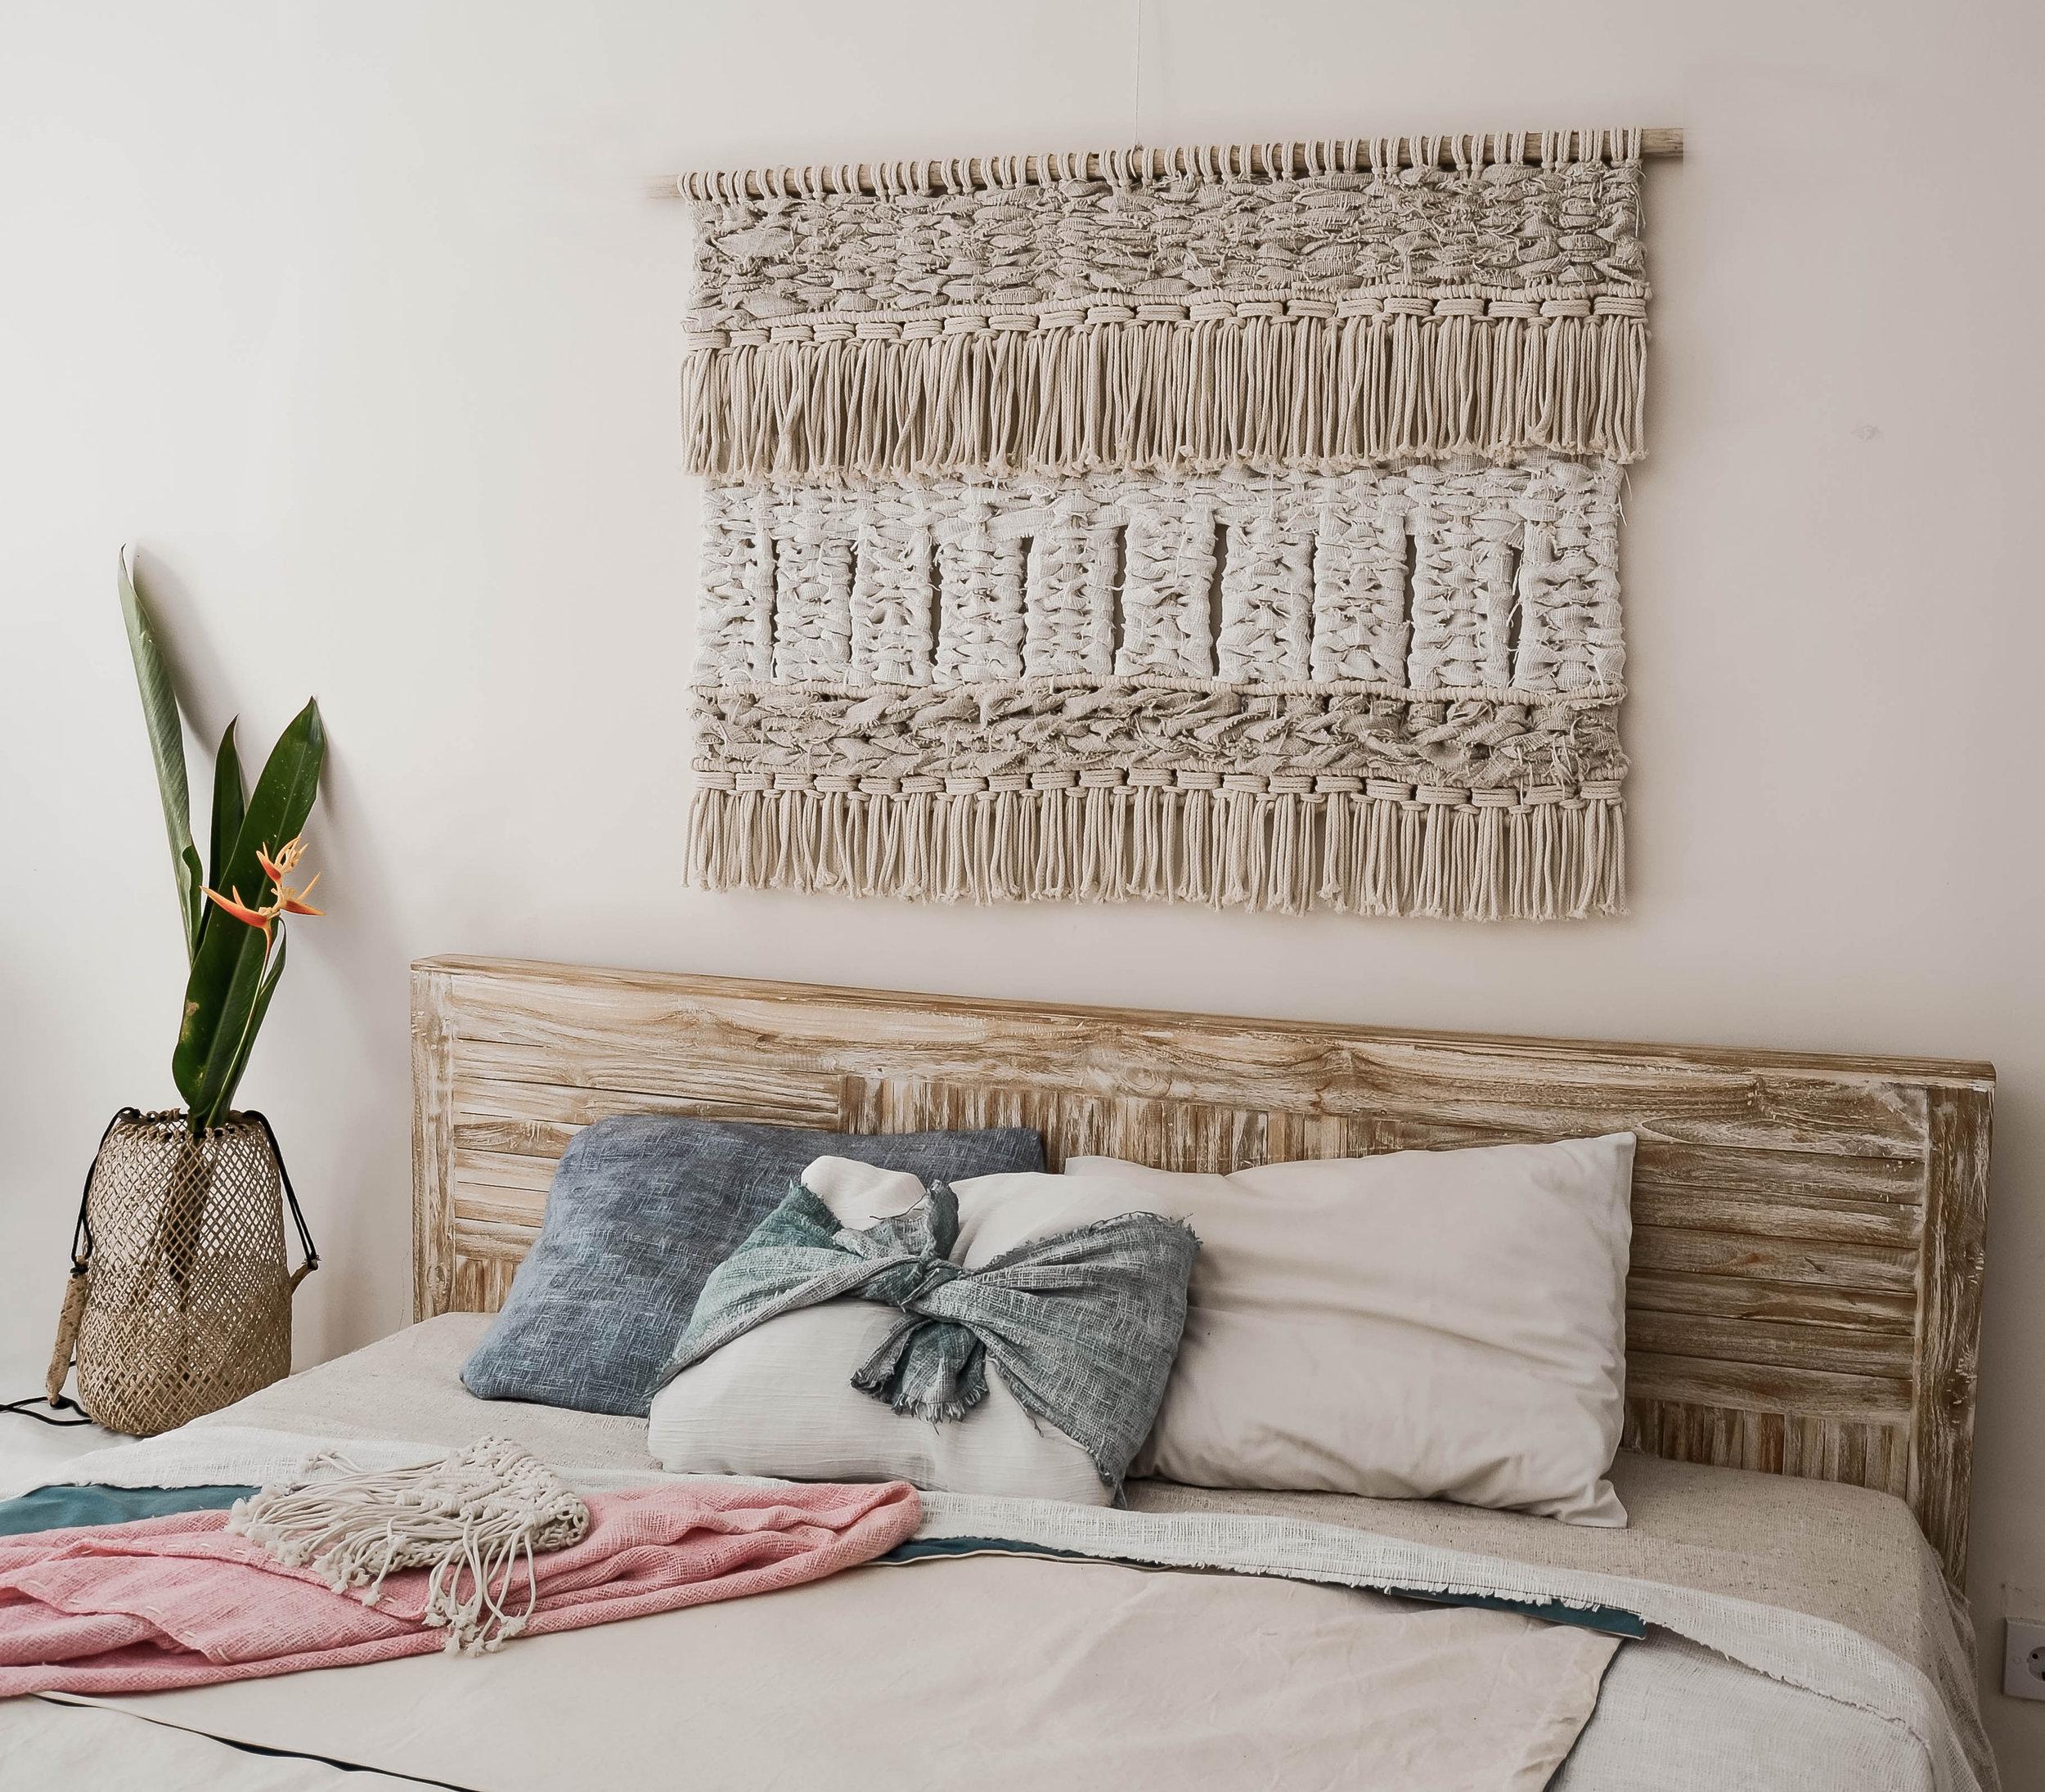 Contemporary Macrame Wallart by Belen senra Ranran Design